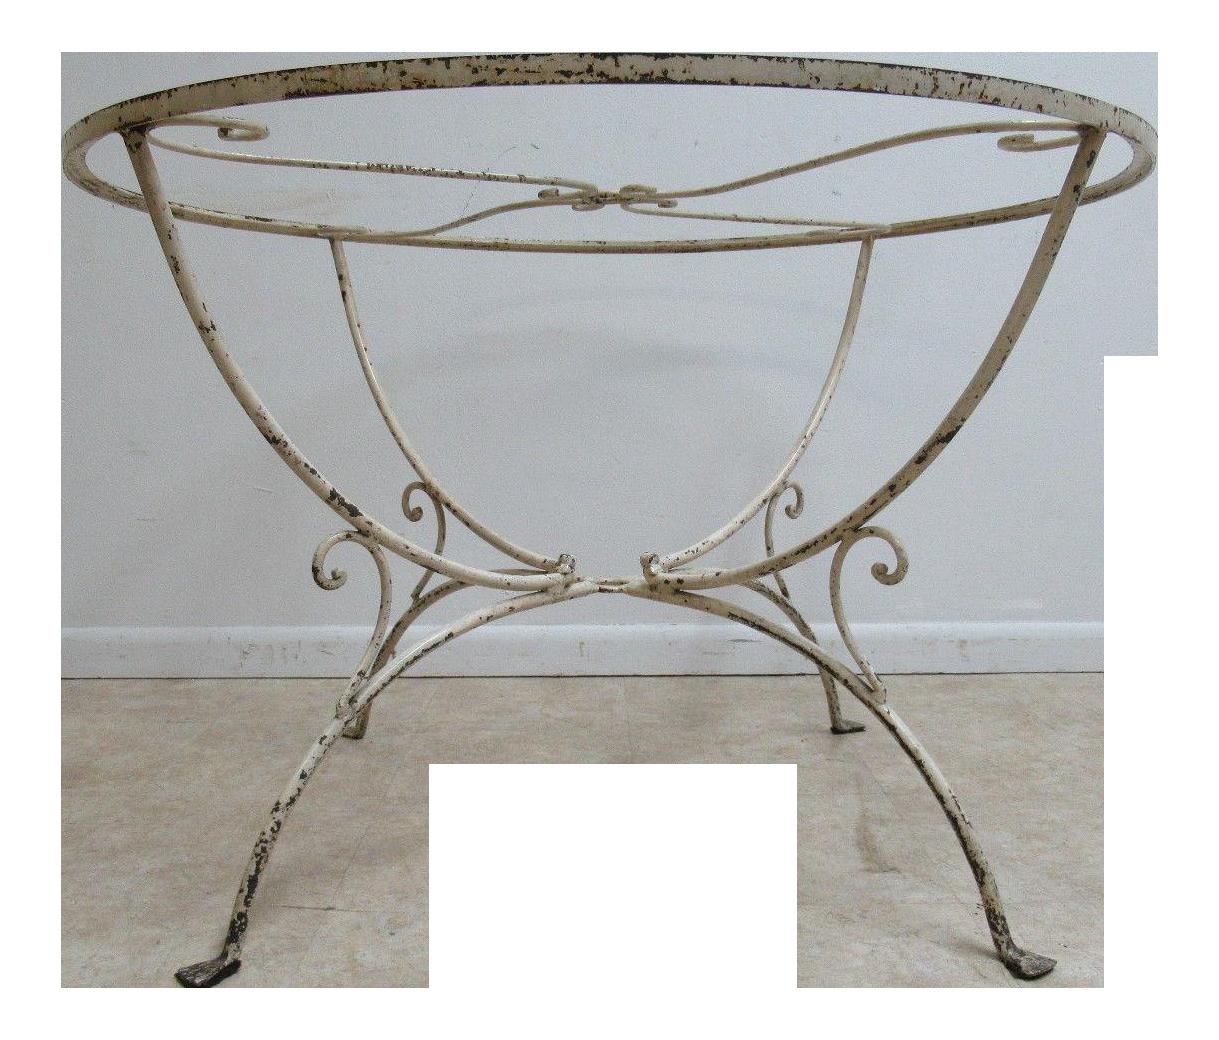 Vintage Mid Century Salterini Wrought Iron Outdoor Dining Table